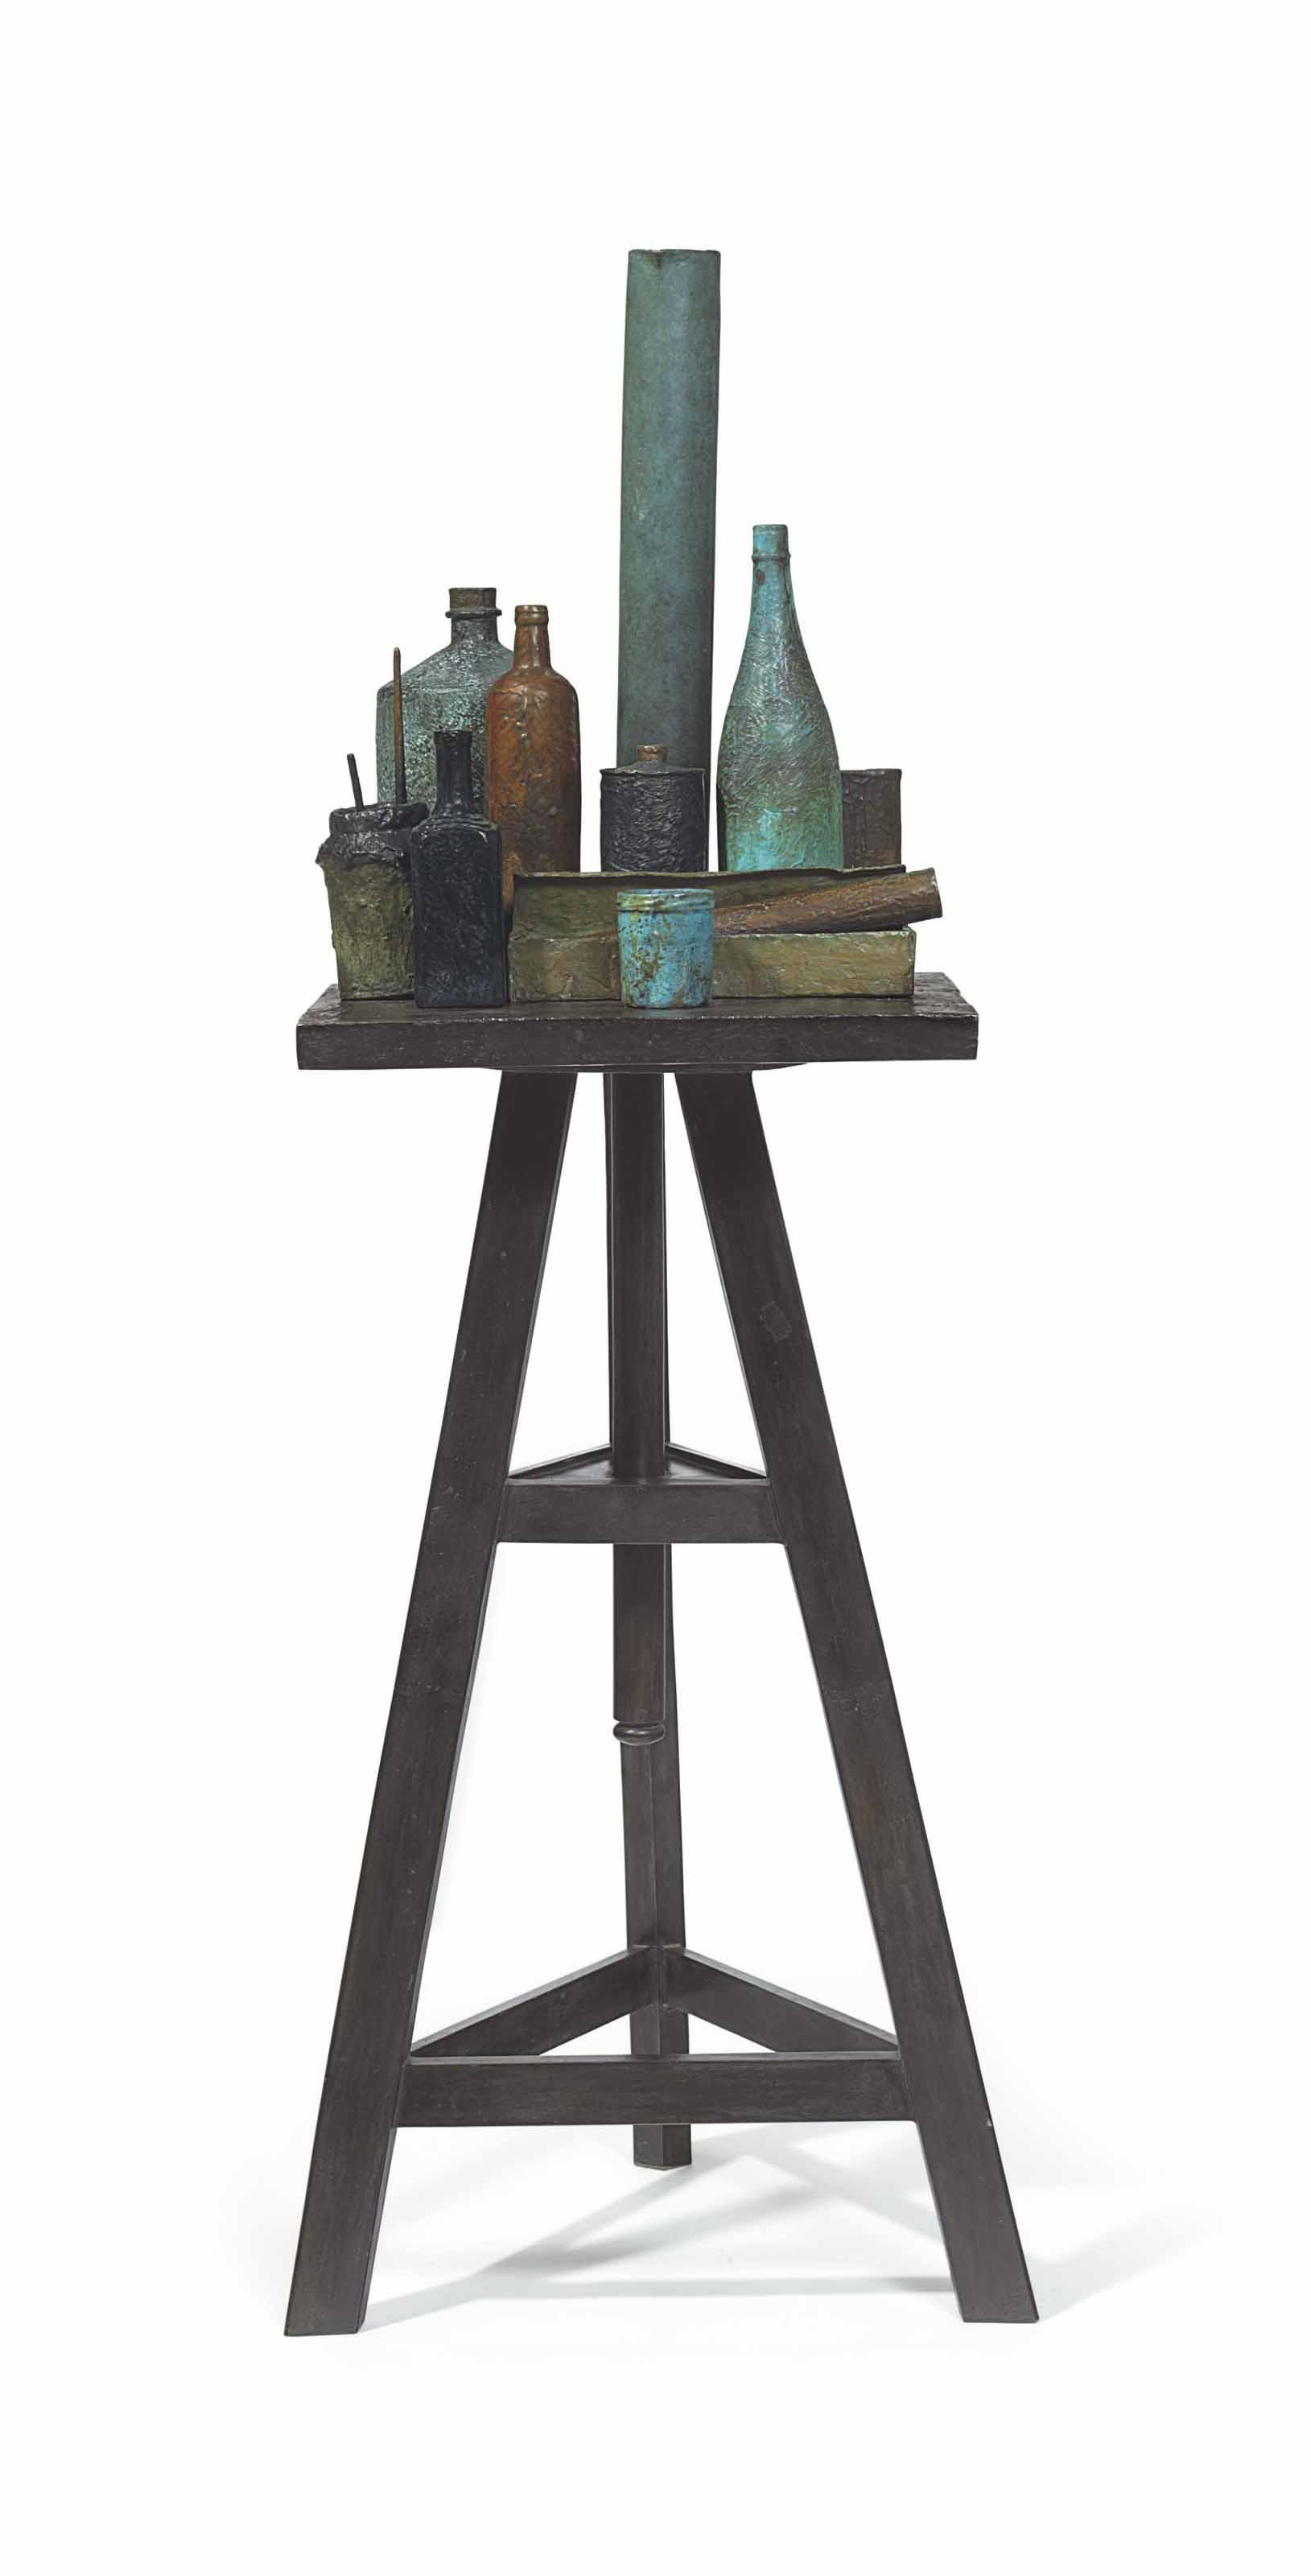 Still Life No. 7 (Sculptor's Turntable)